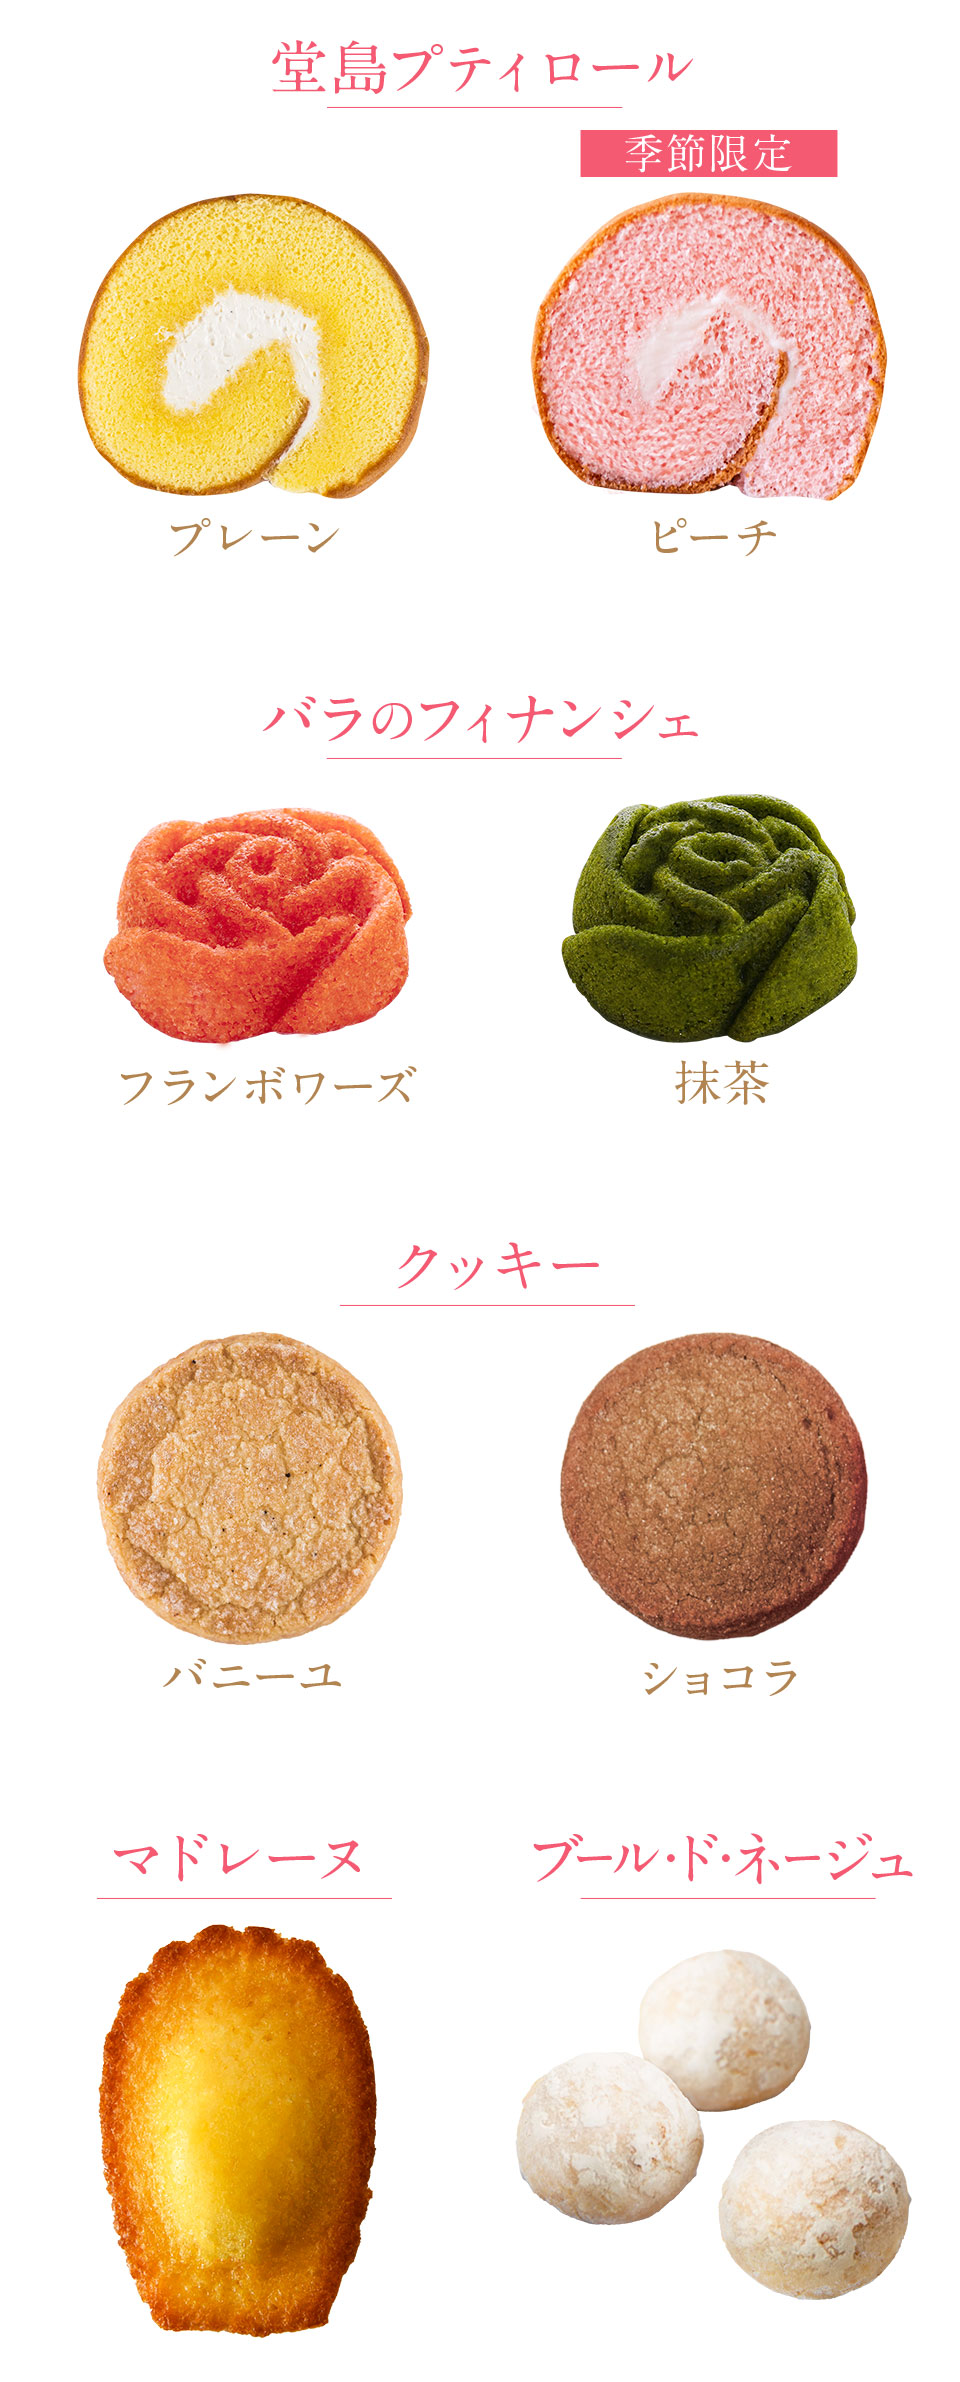 焼き菓子の種類